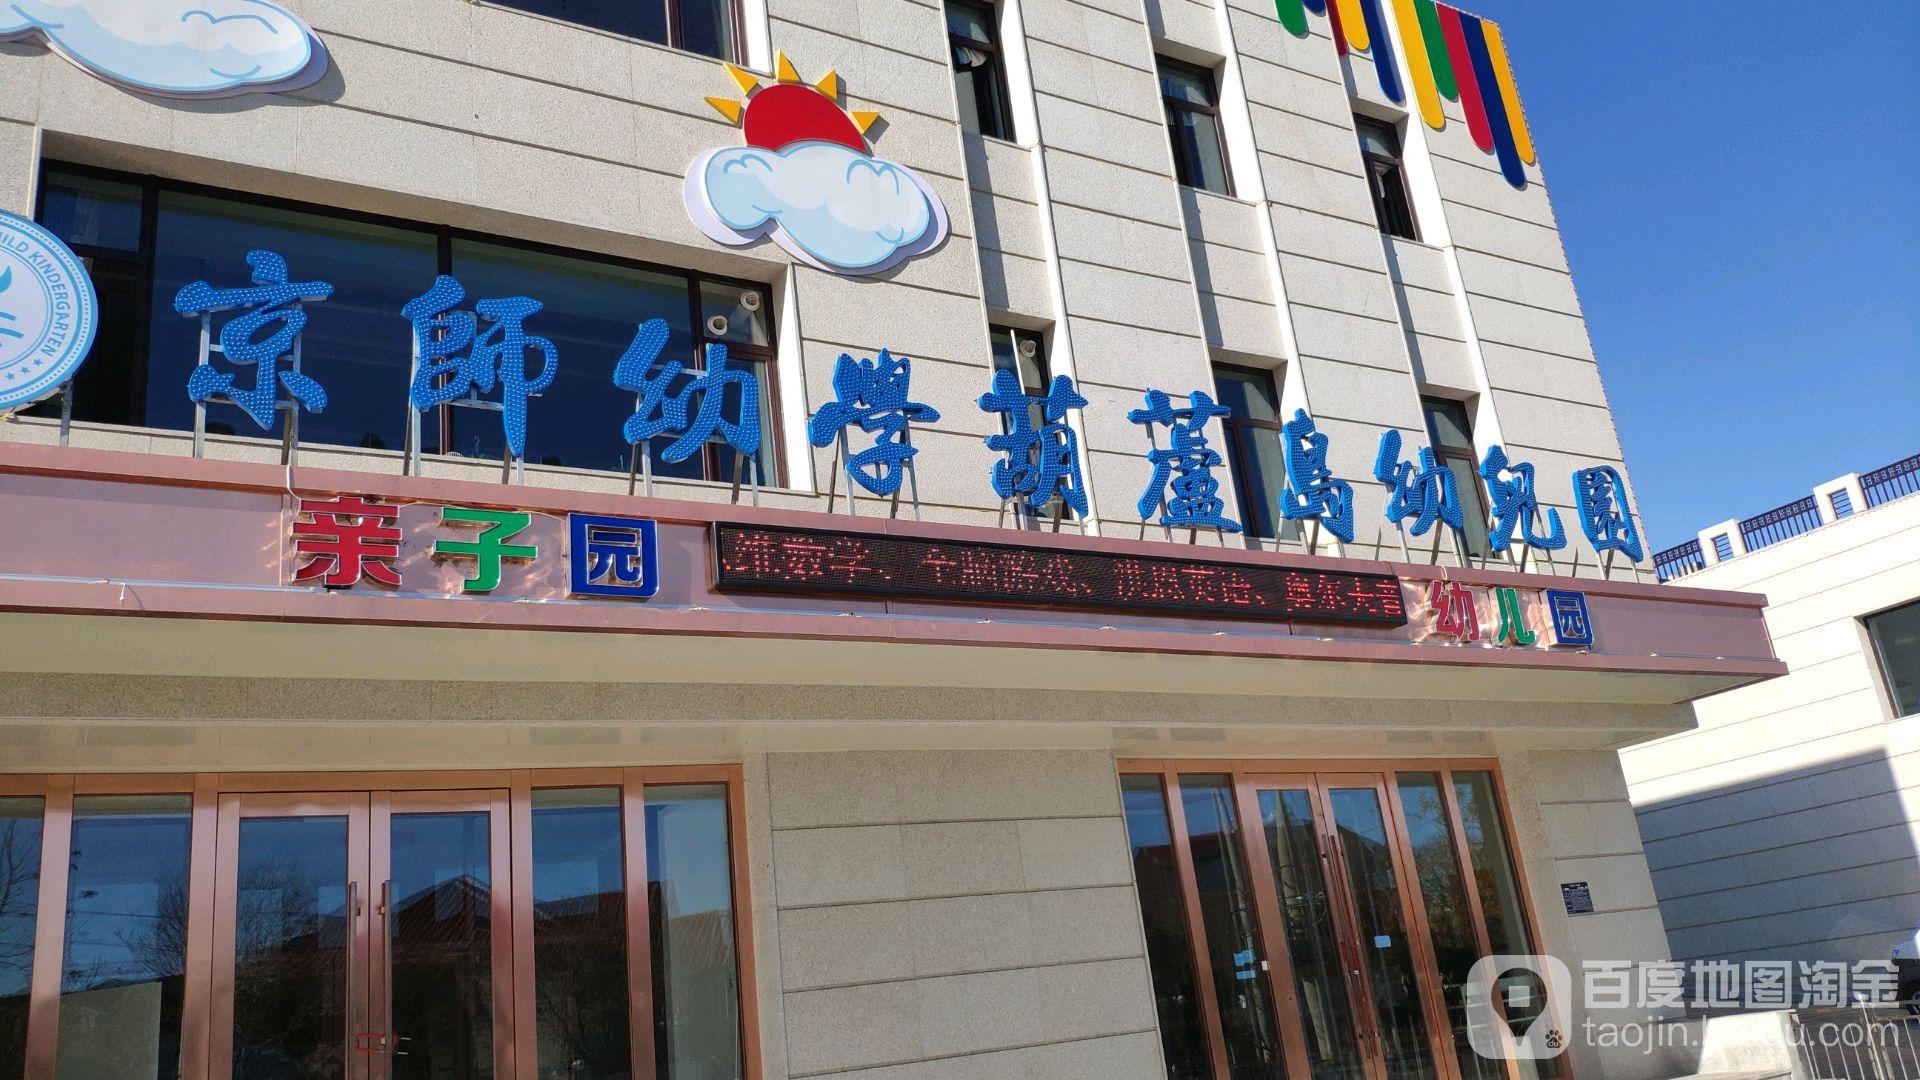 京师幼学葫芦岛幼儿园